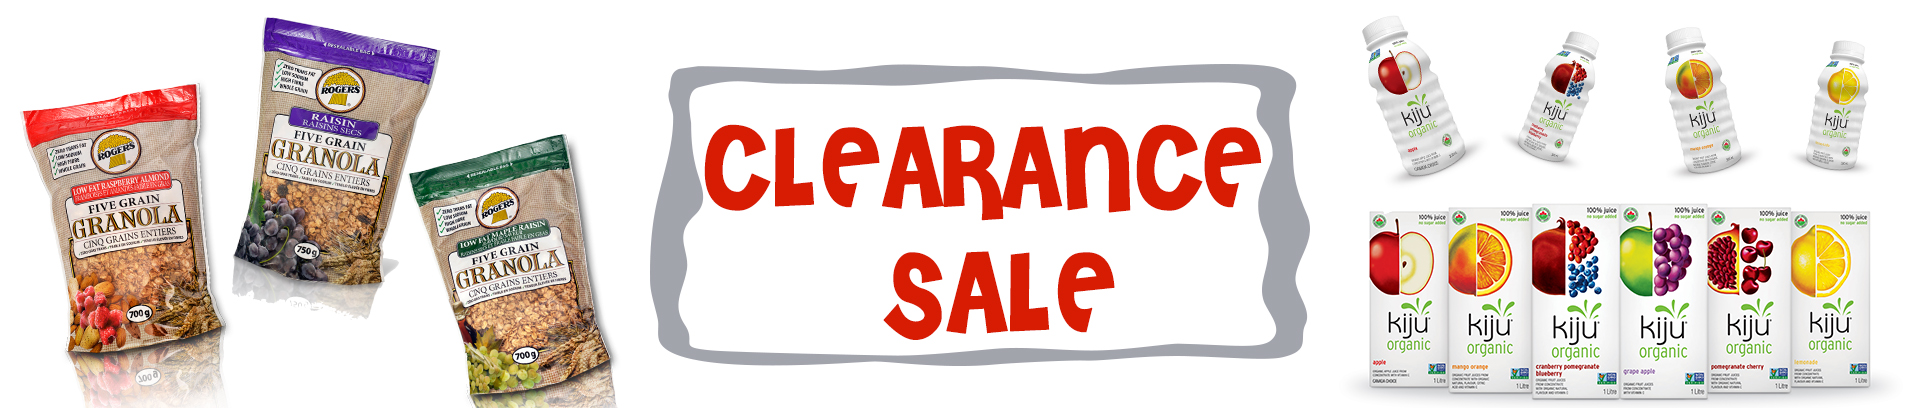 Clerance-Sale